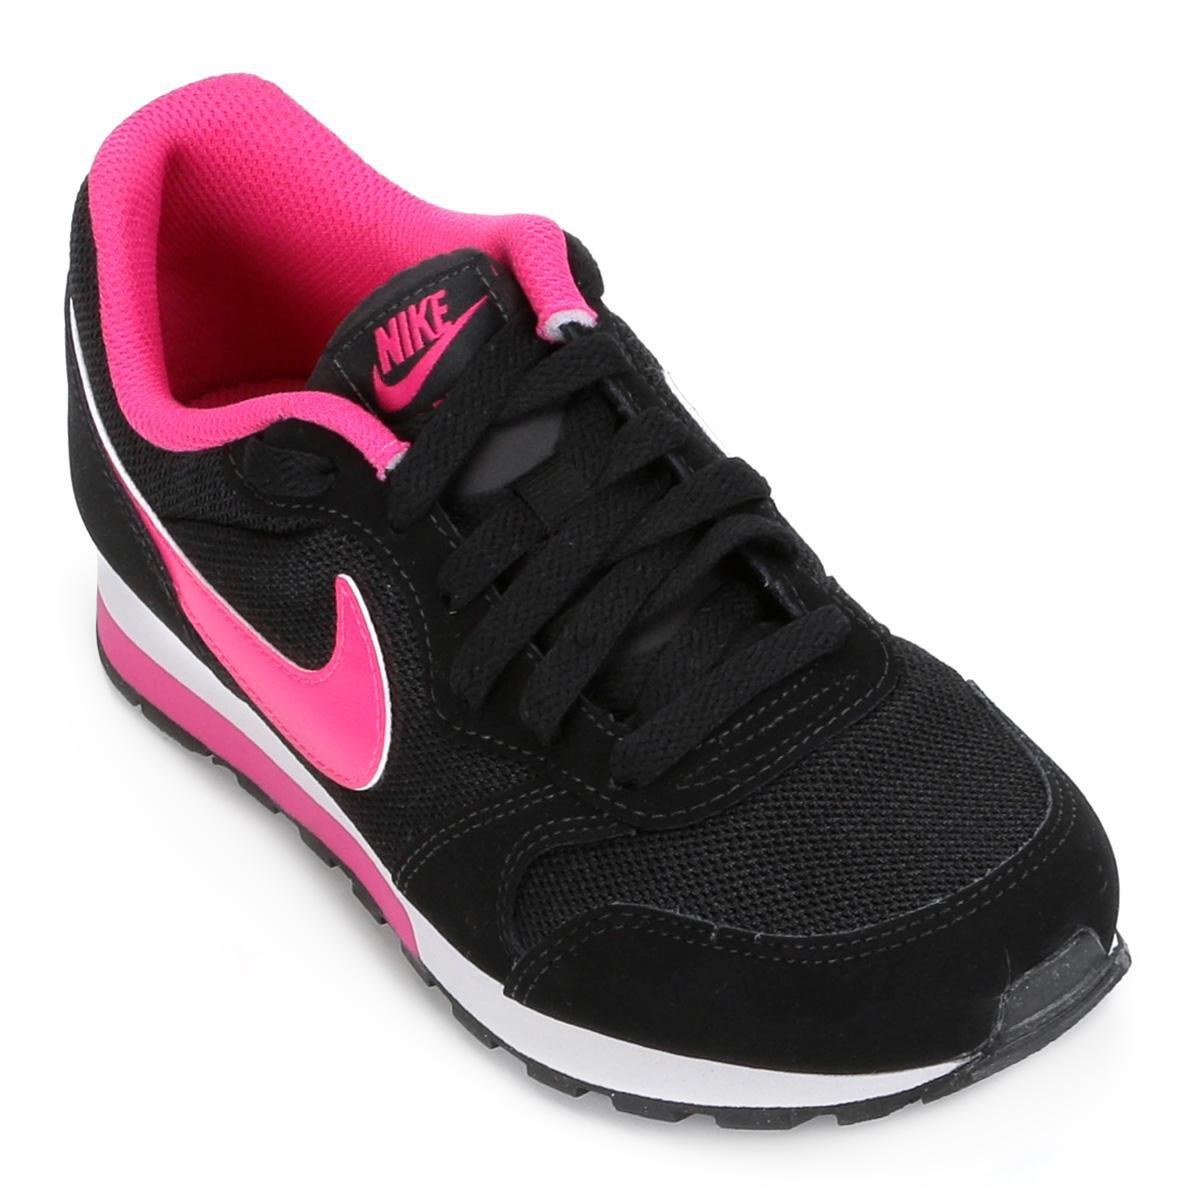 Tênis Infantil Nike Md Runner 2 - Preto e Rosa - Compre Agora  f455833d4c576